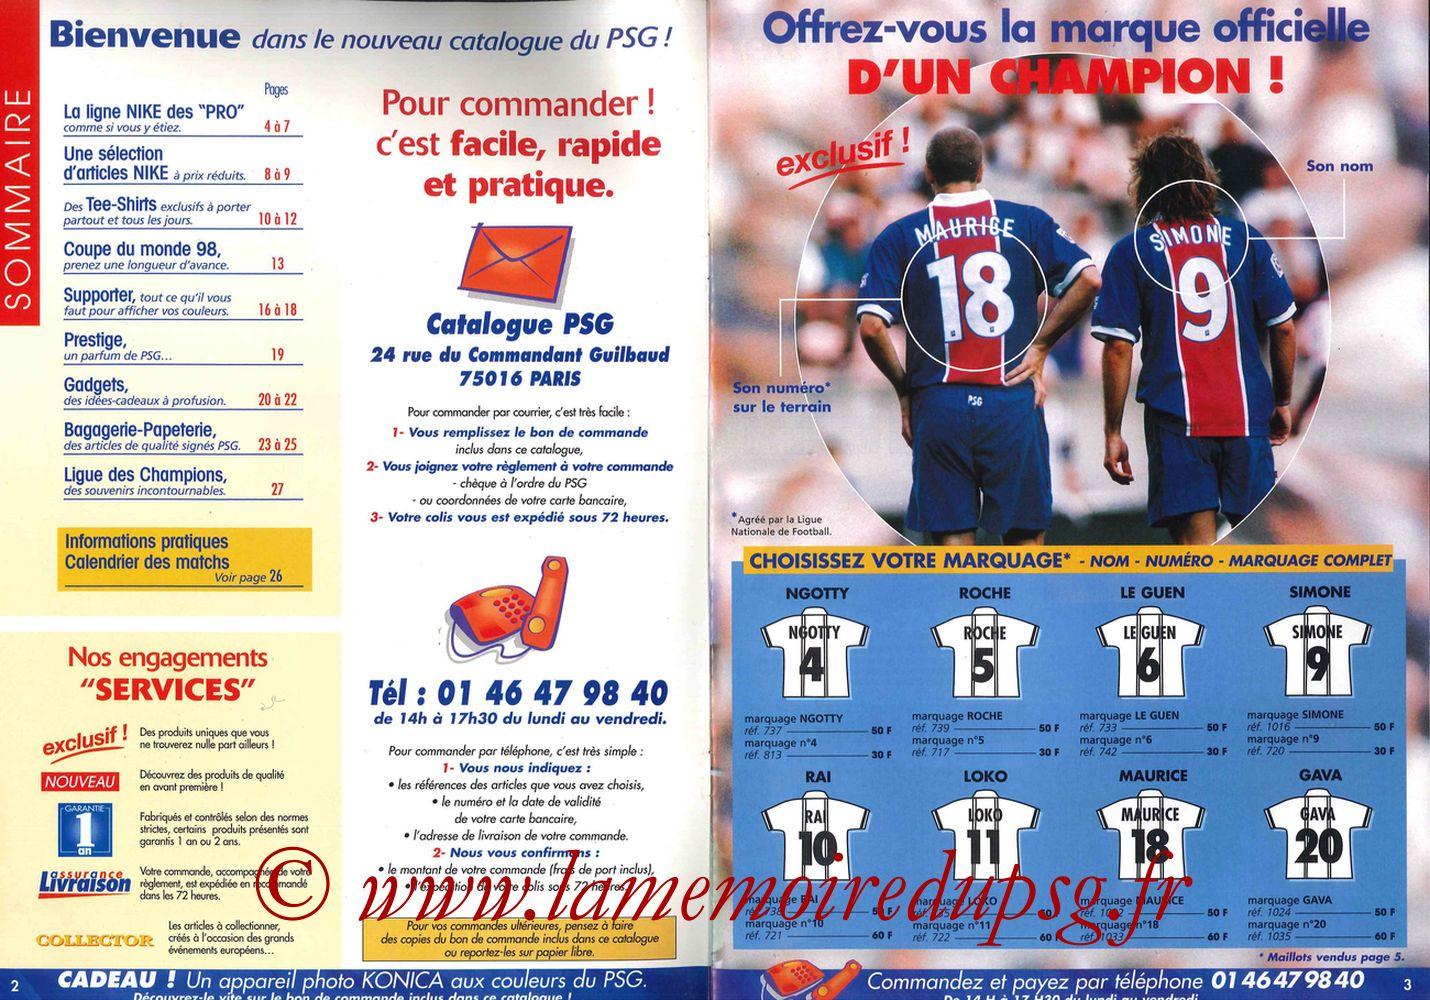 Catalogue PSG - 1997-98 - Pages 02 et 03